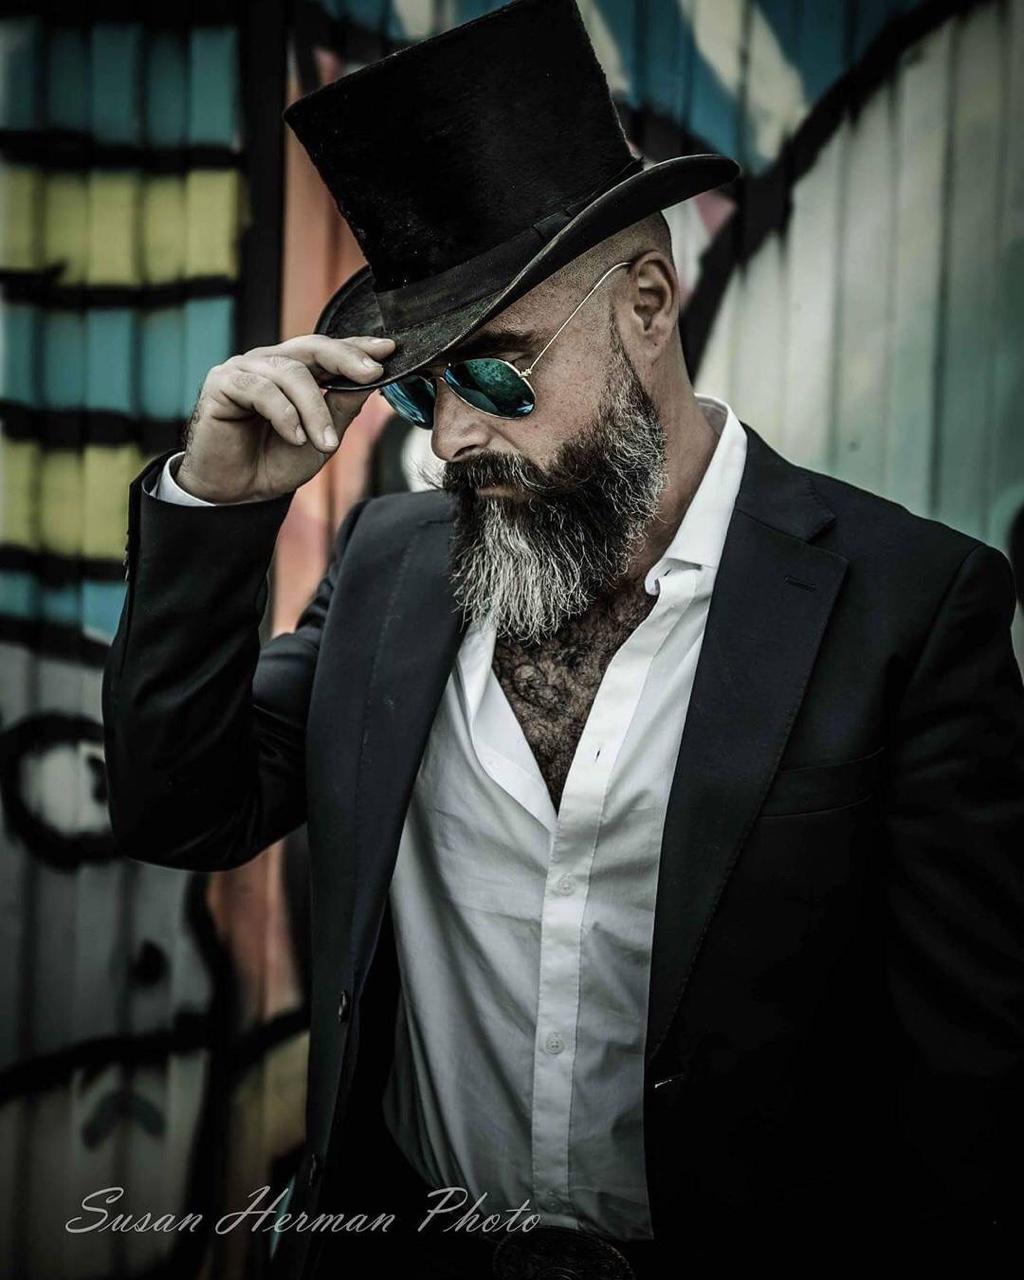 вообще для фотосъемки нужен мужчина с бородой платье особый